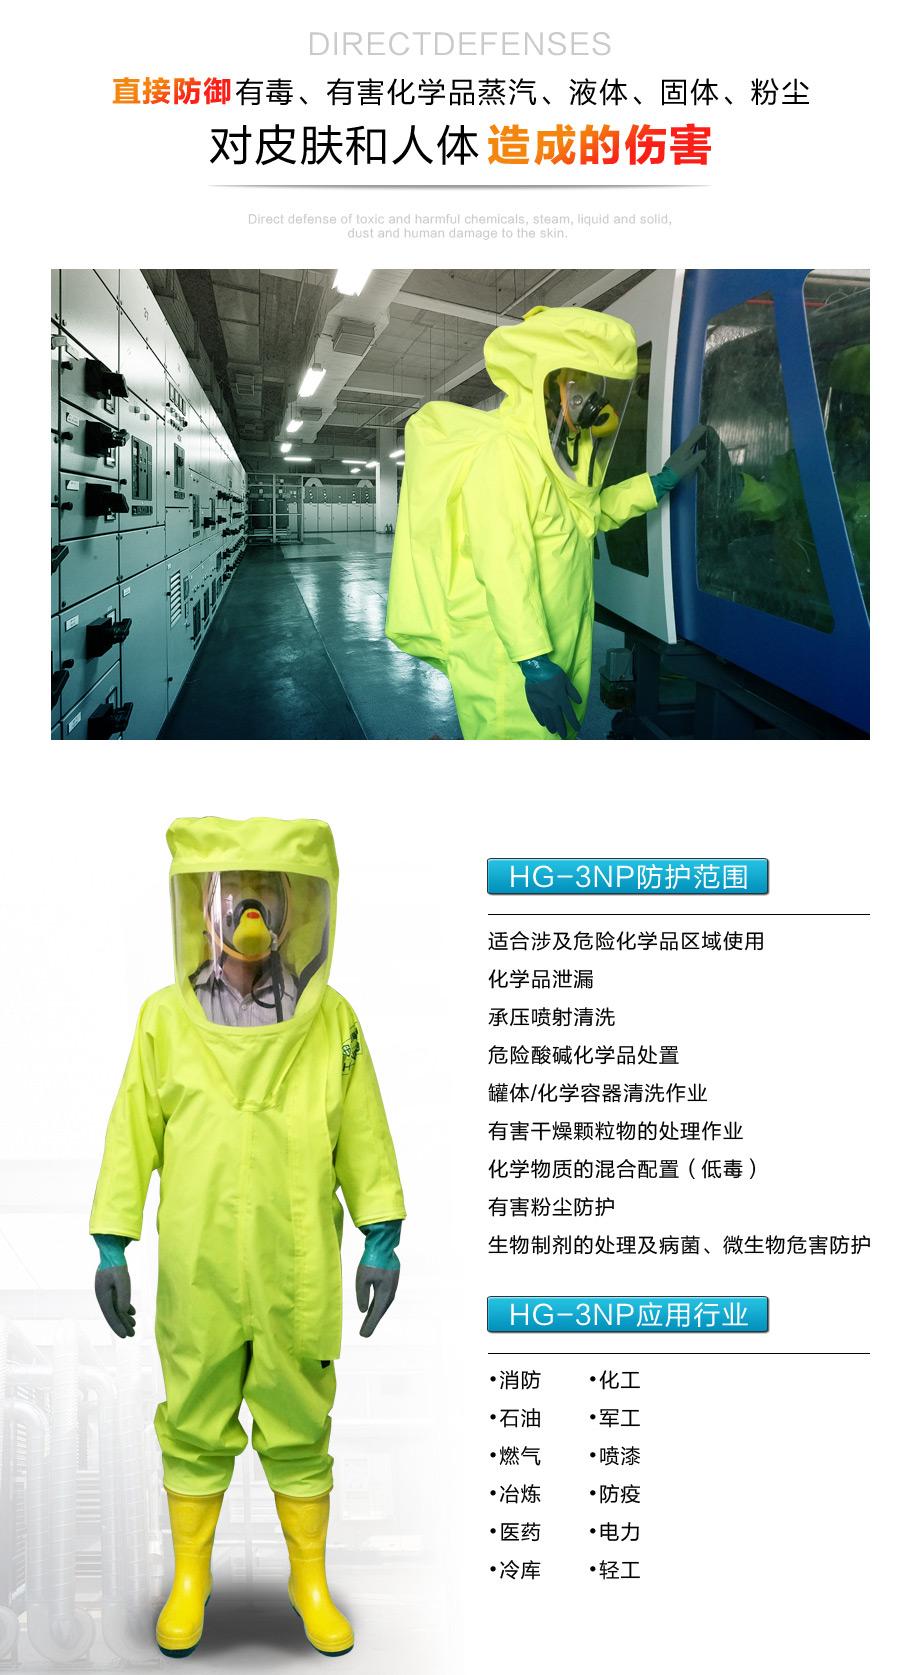 海固3np防化服可用在农业喷洒,化学品处理